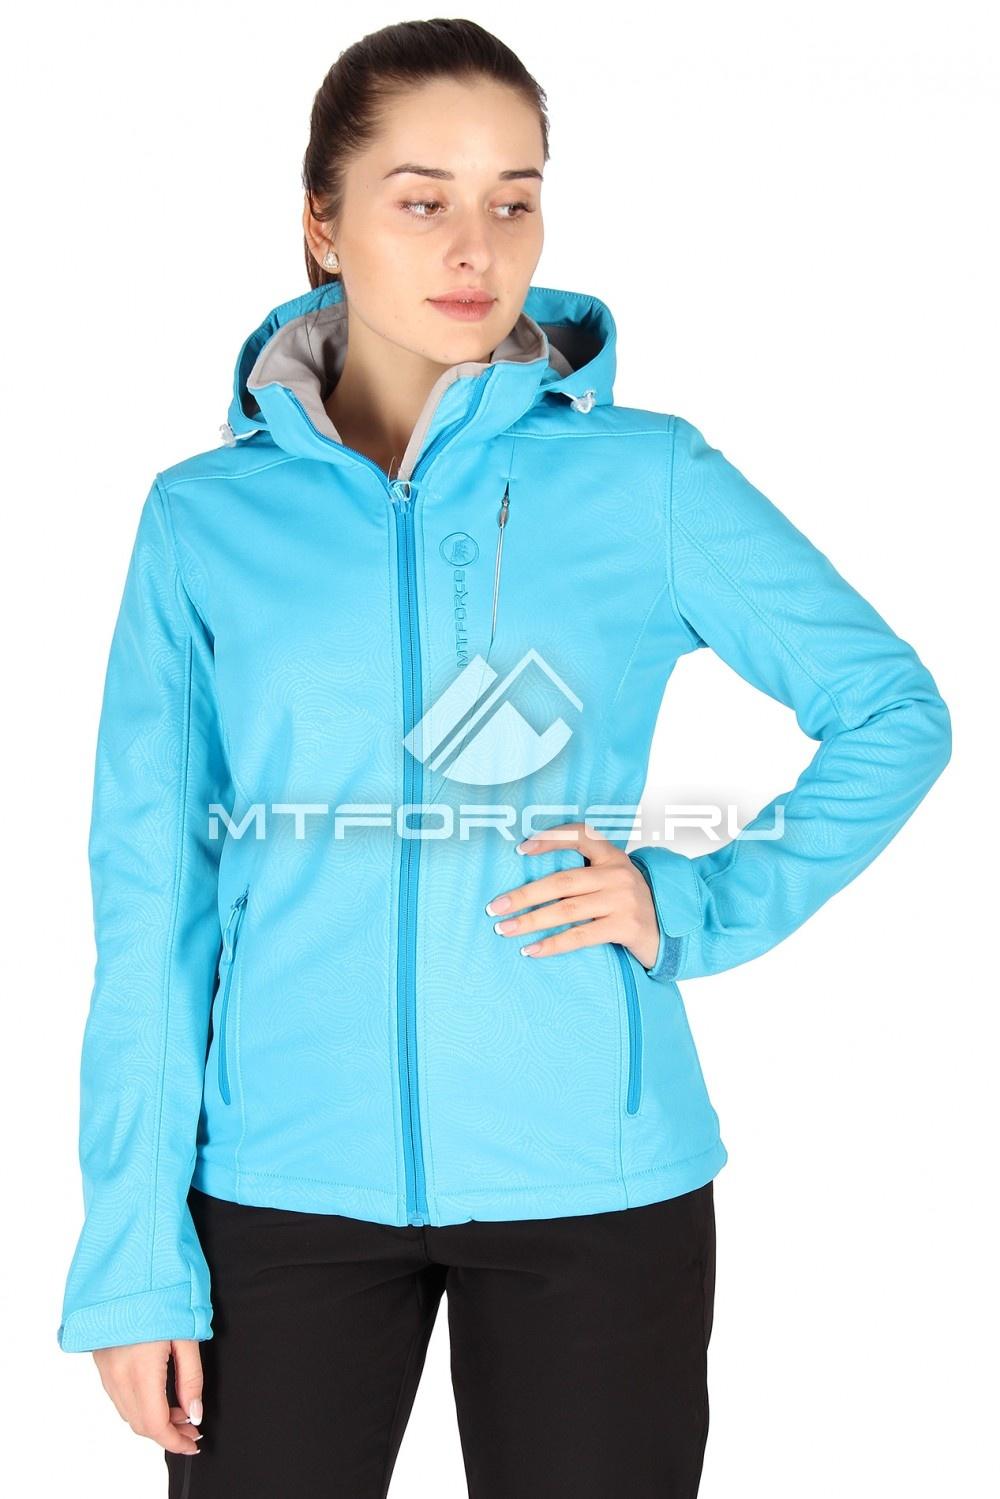 Купить                                  оптом Ветровка женская голубого цвета 1407Gl